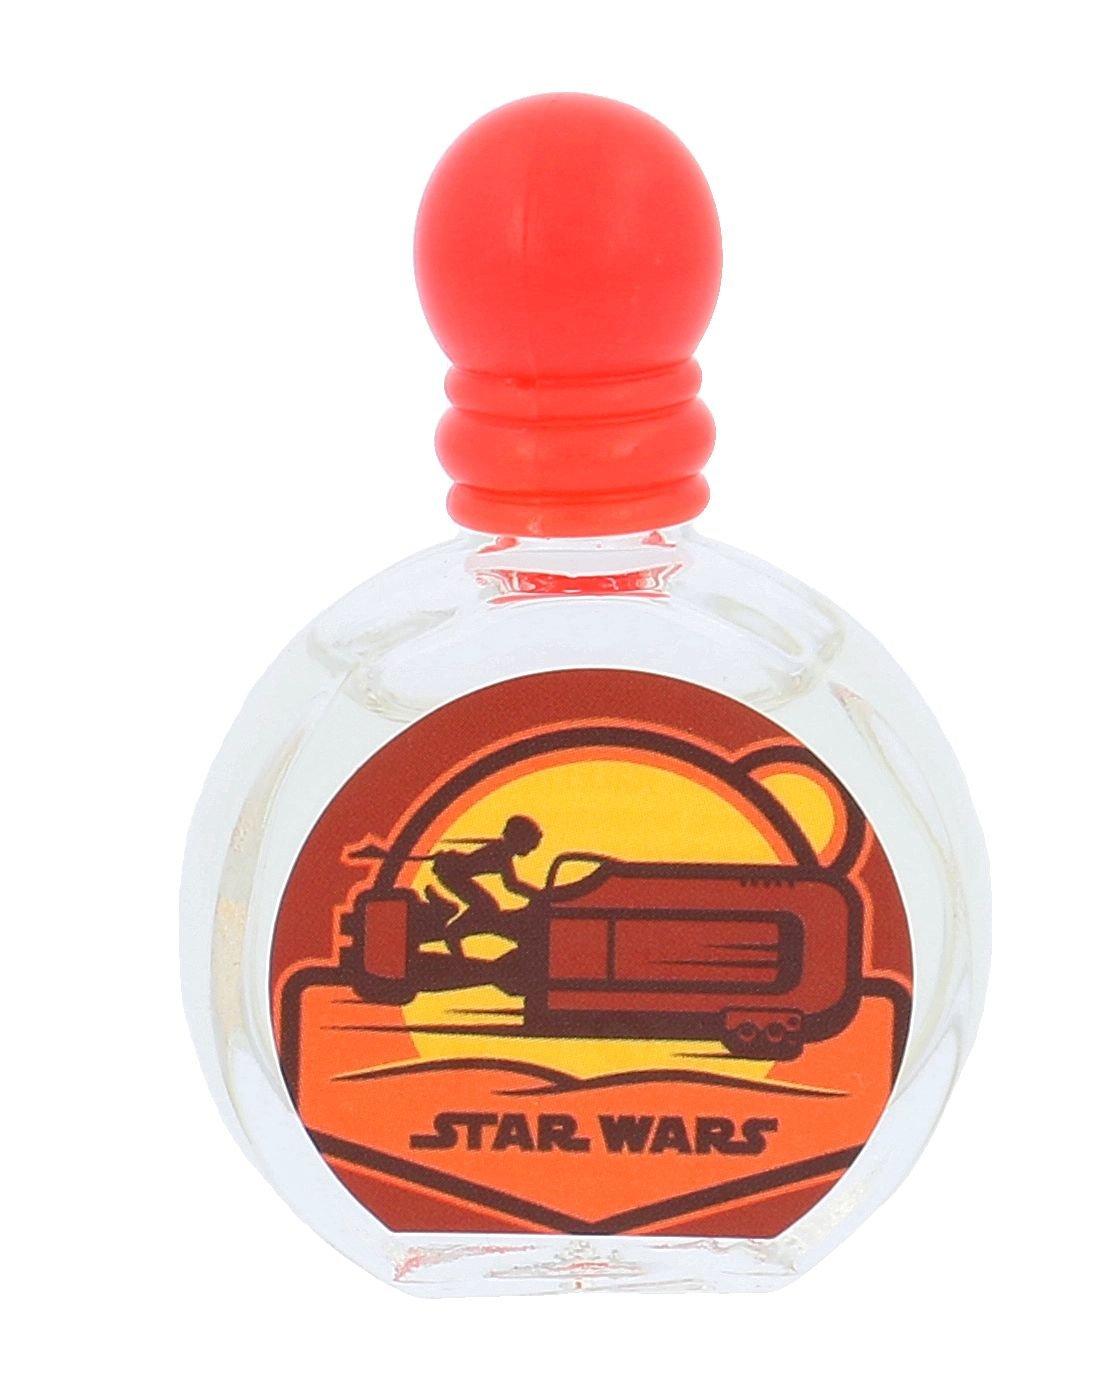 Star Wars Star Wars Rey EDT 7ml